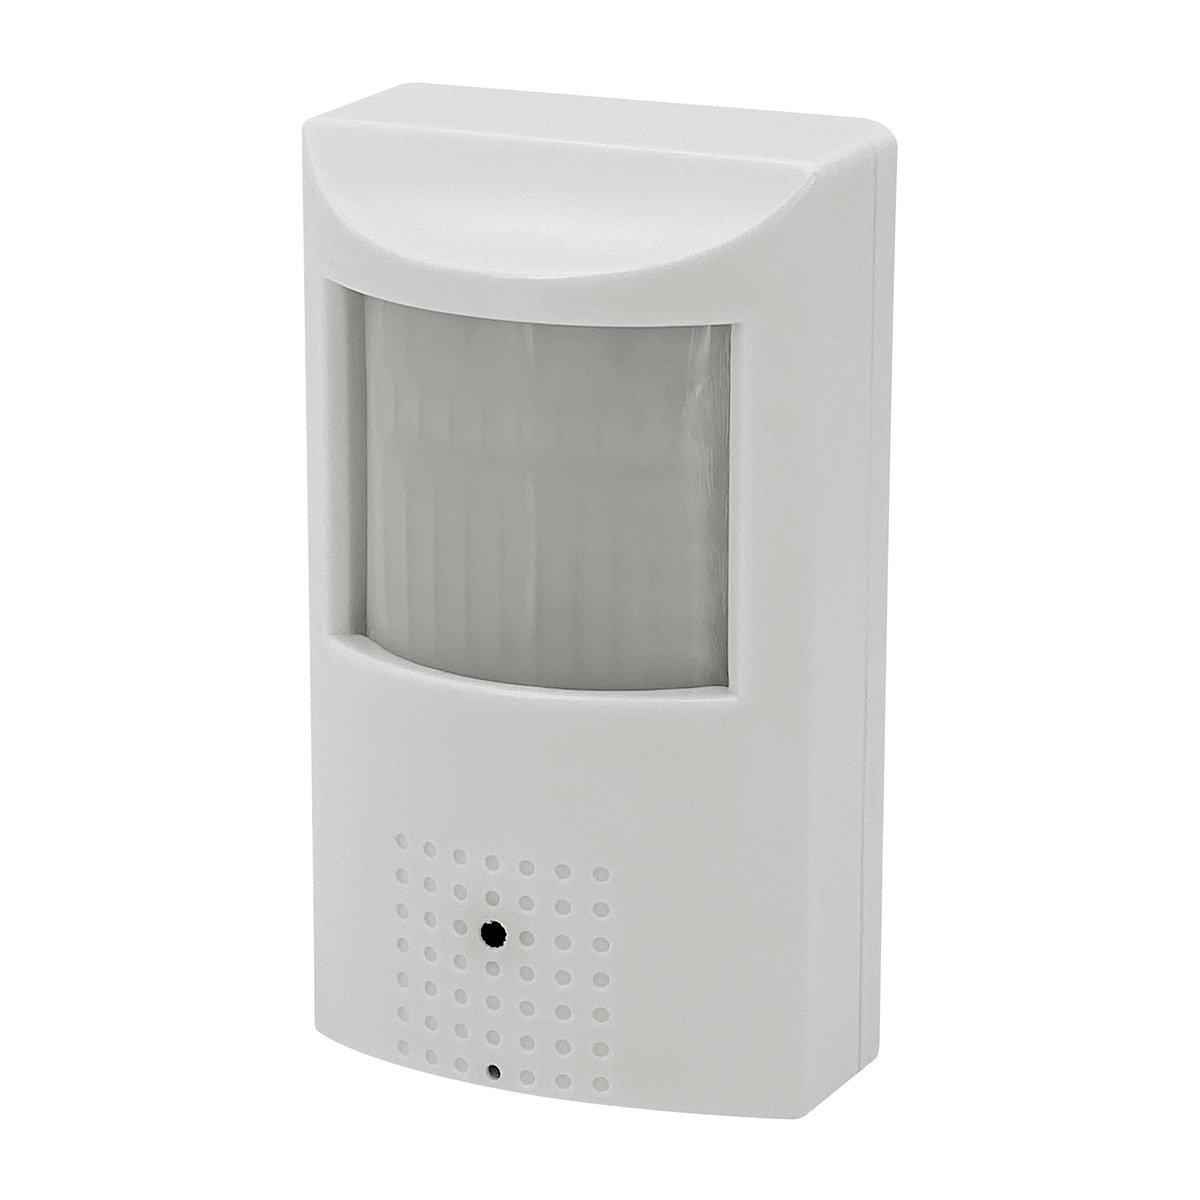 Telecamera IP 2Mpx 48 LED NERI (non visibile ad occhio umano), Focale fissa 3,7mm